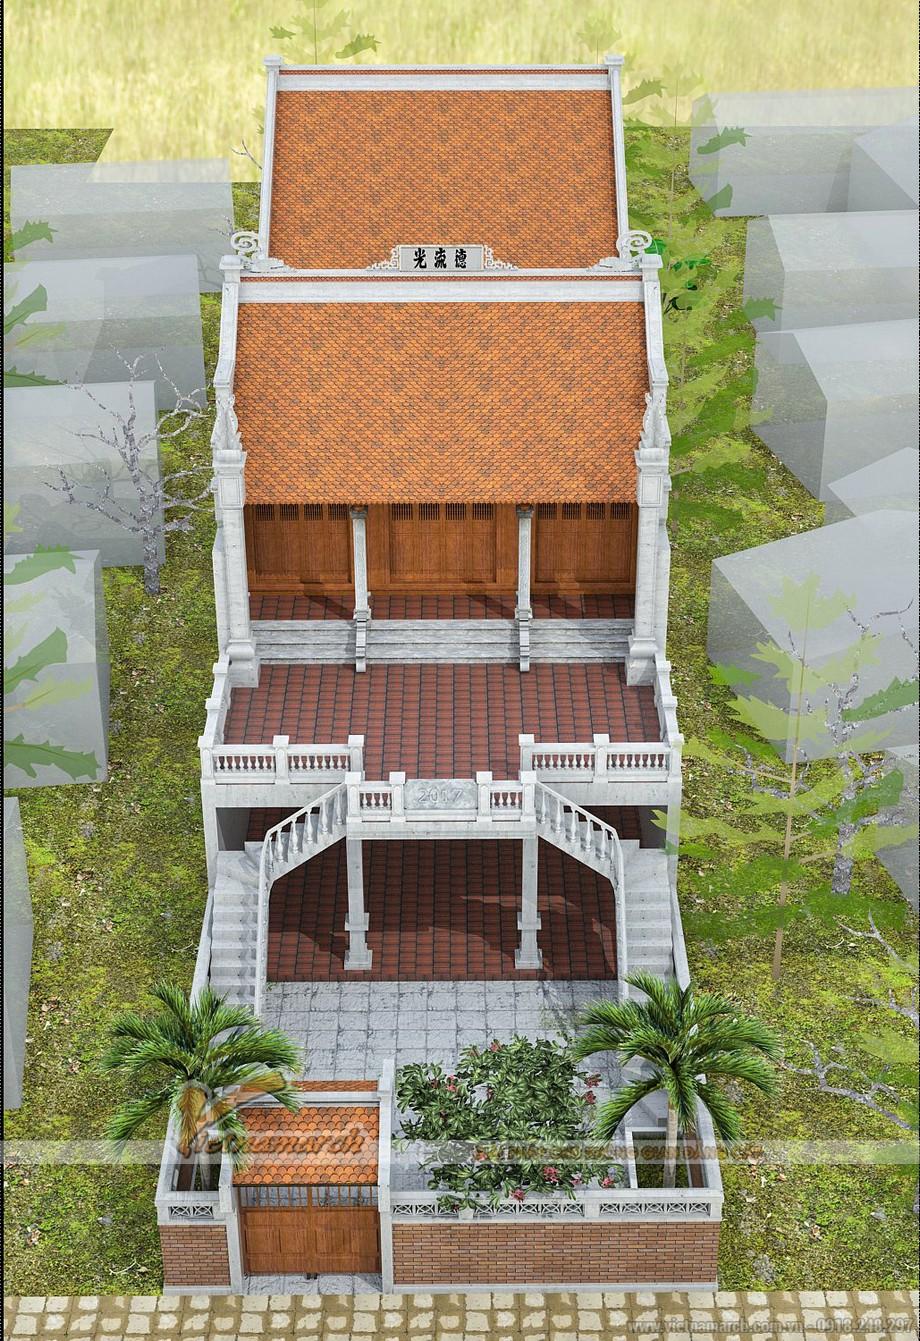 Phối cảnh tổng thể ngôi nhà thờ 2 tầng được KTS Vietnamarch tư vấn thiết kế tại Hồ Chí Minh